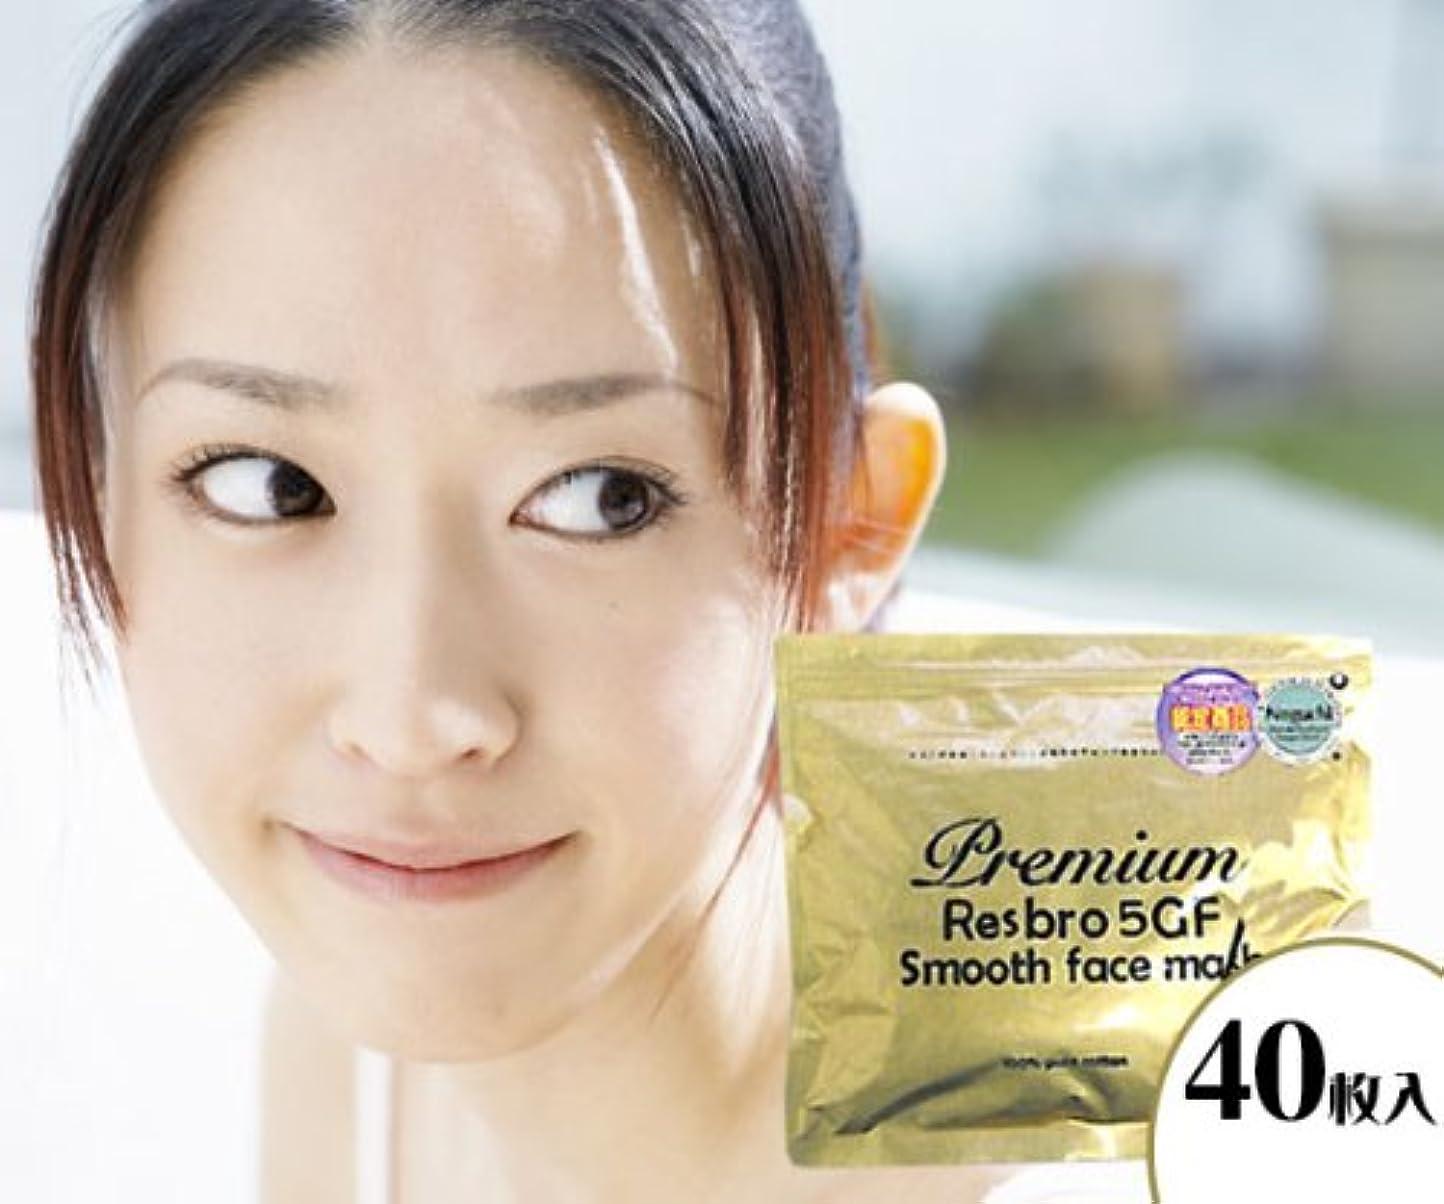 洗練繁雑配分レスブロ5GFスムースフェイスマスク 40枚入り (こちらの商品の内訳は『40点』のみ)